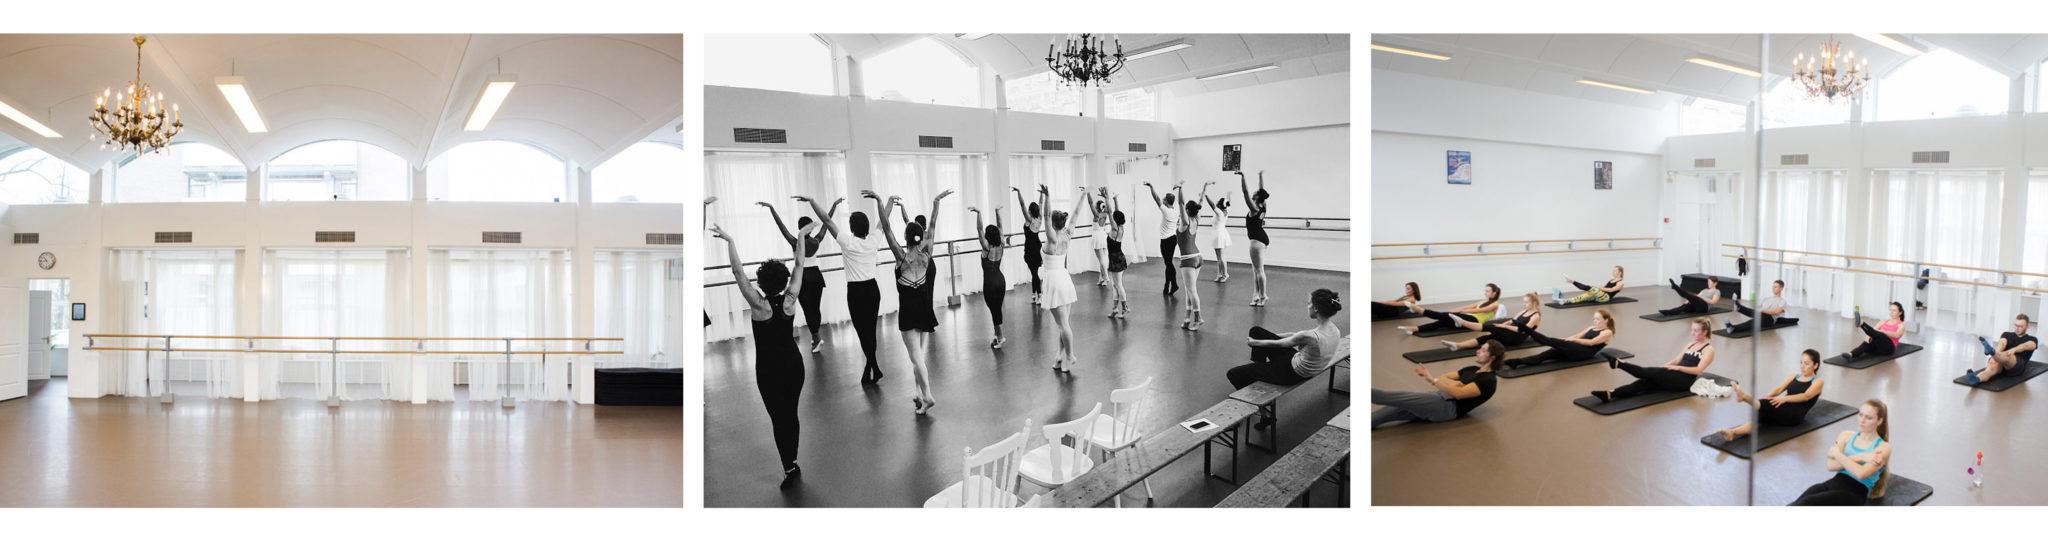 Zhembrovsky ballet, amsterdam